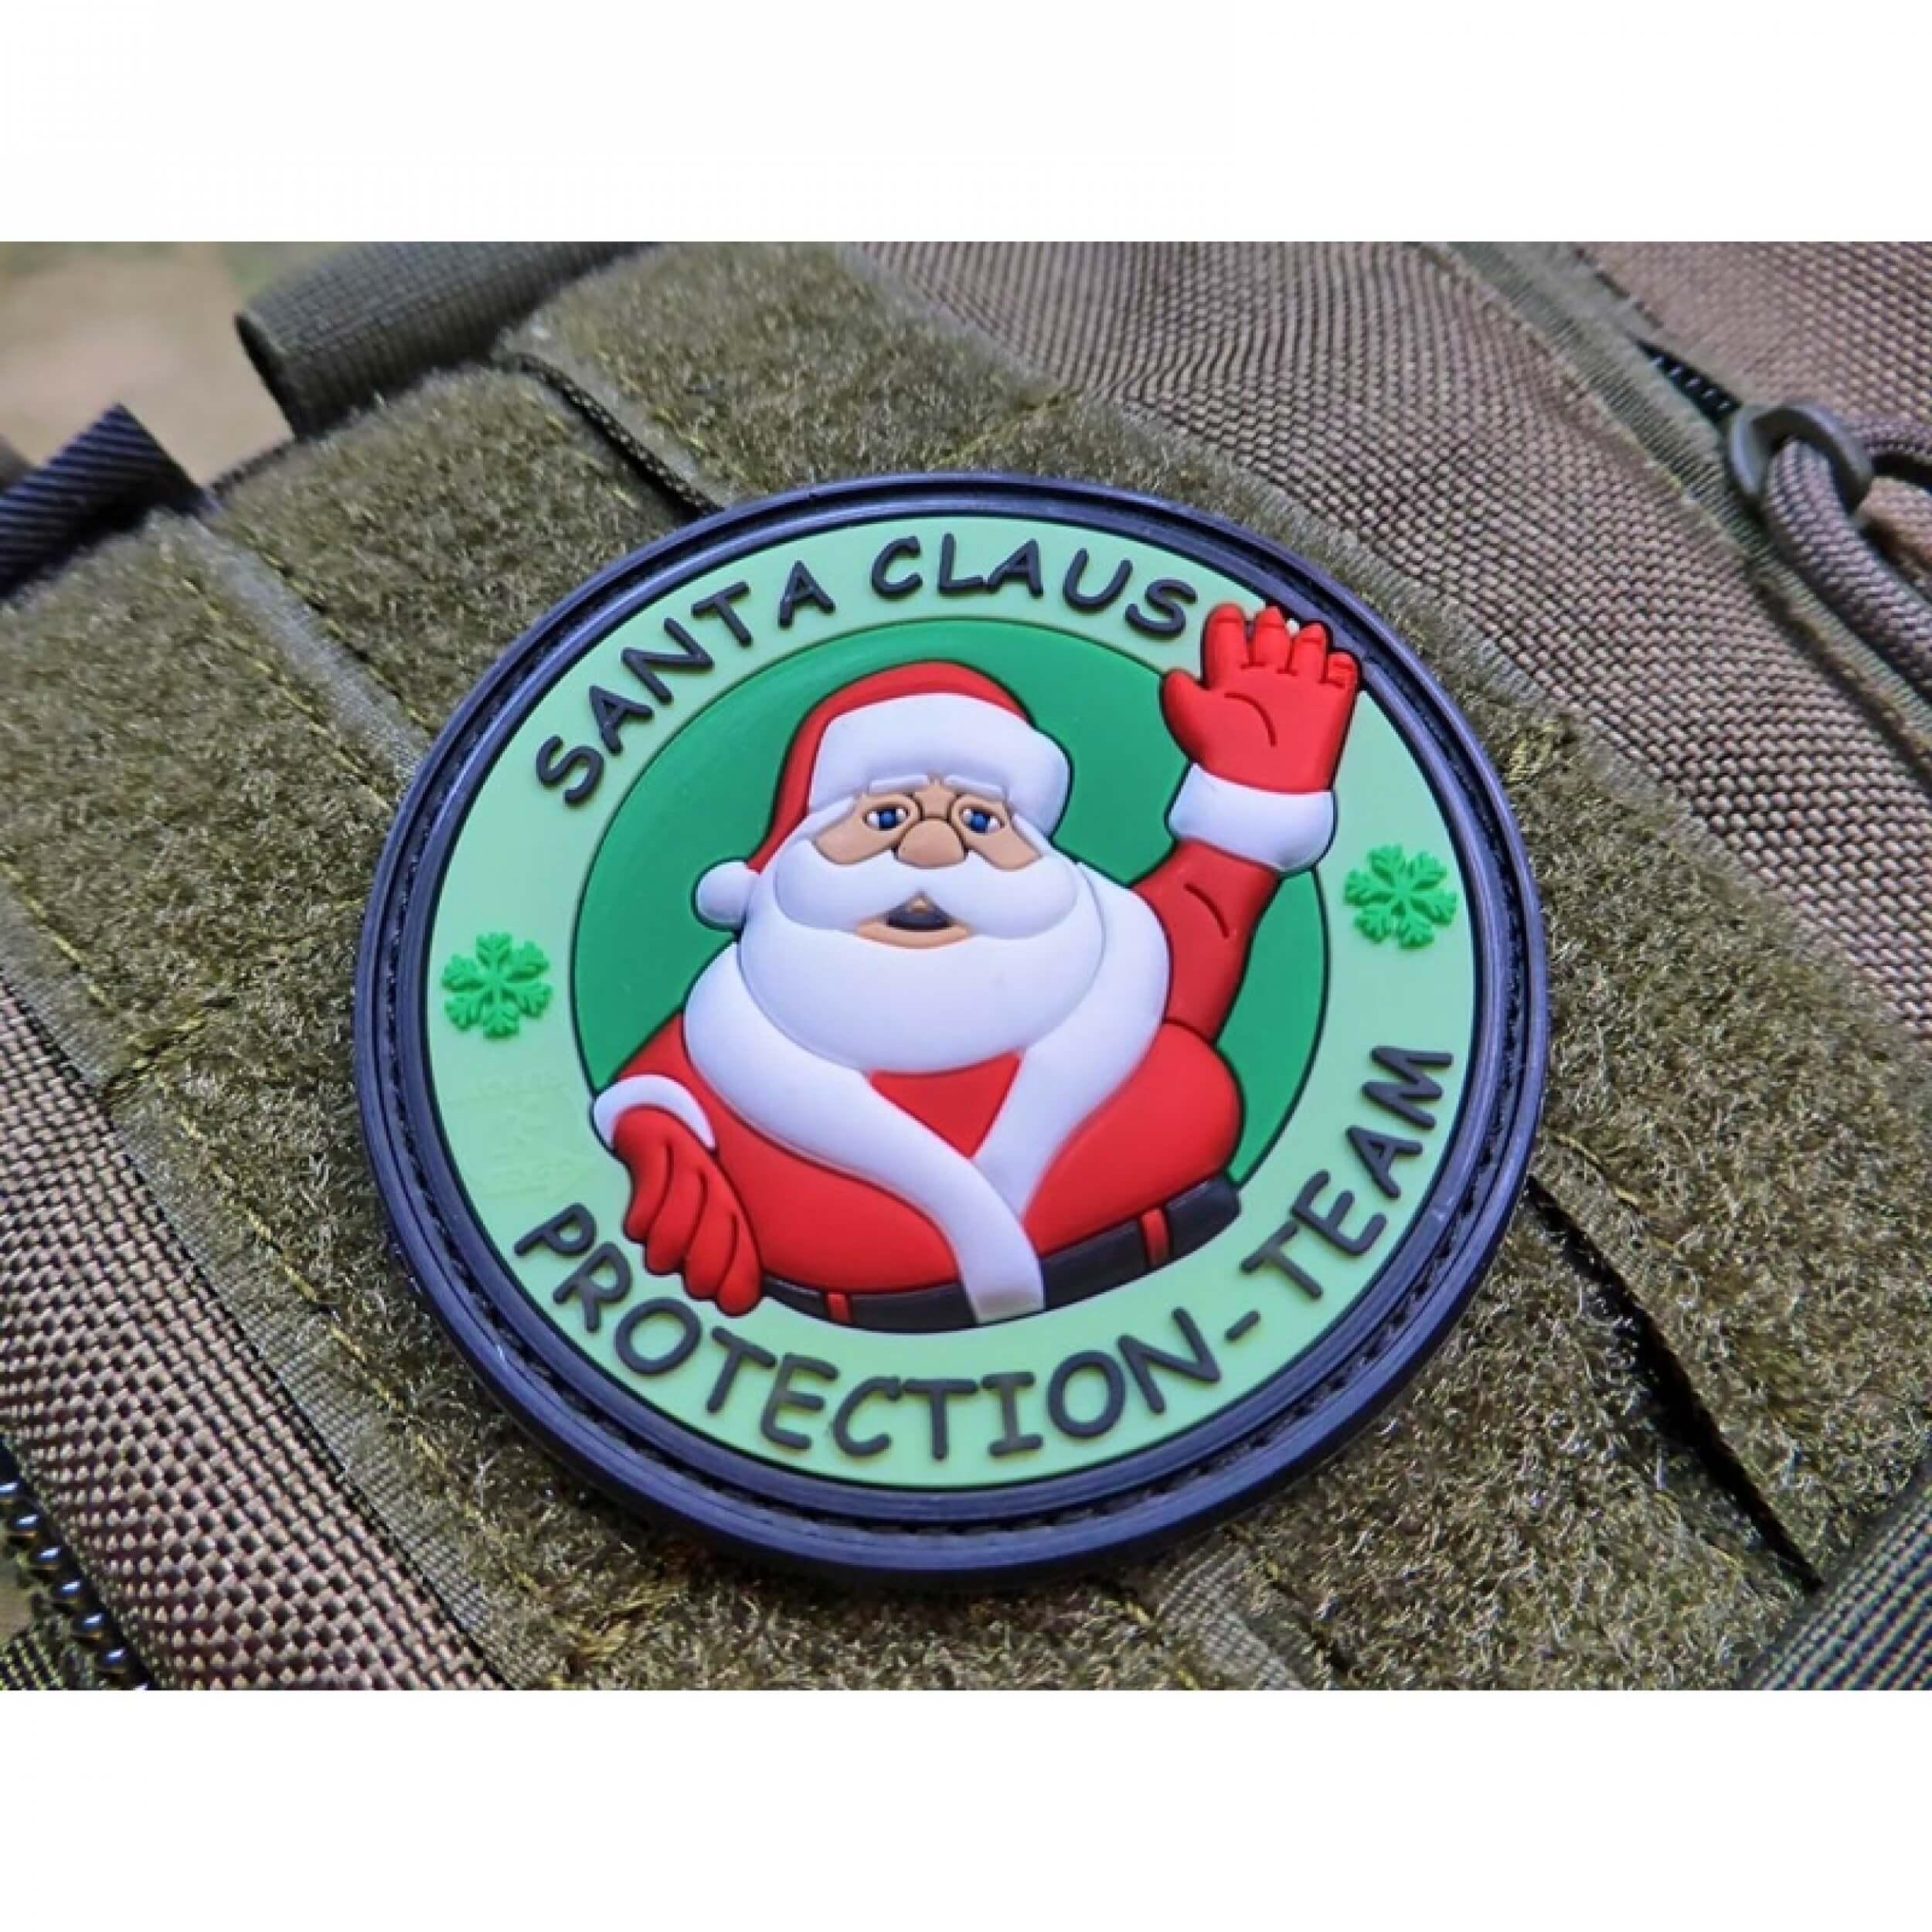 Weihnachtsmann Santa Claus Protection Team tannengrün Patch